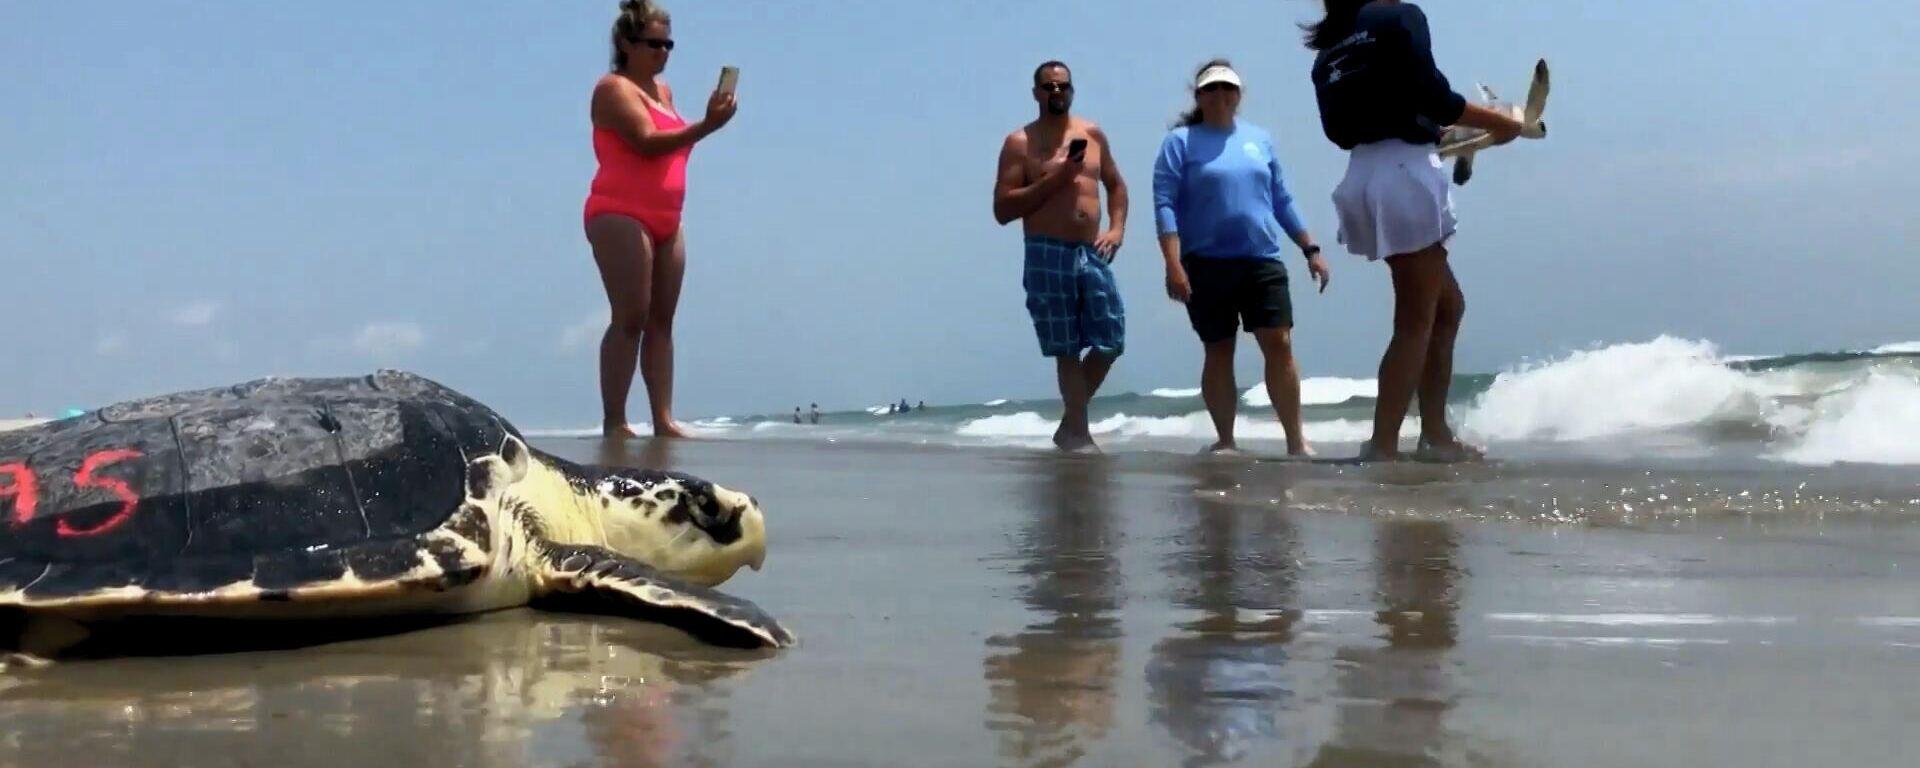 Χελωνο-διάσωση: Απελευθέρωση δεκάδων θαλάσσιων χελωνών που είχαν διασωθεί - Sputnik Ελλάδα, 1920, 27.05.2021